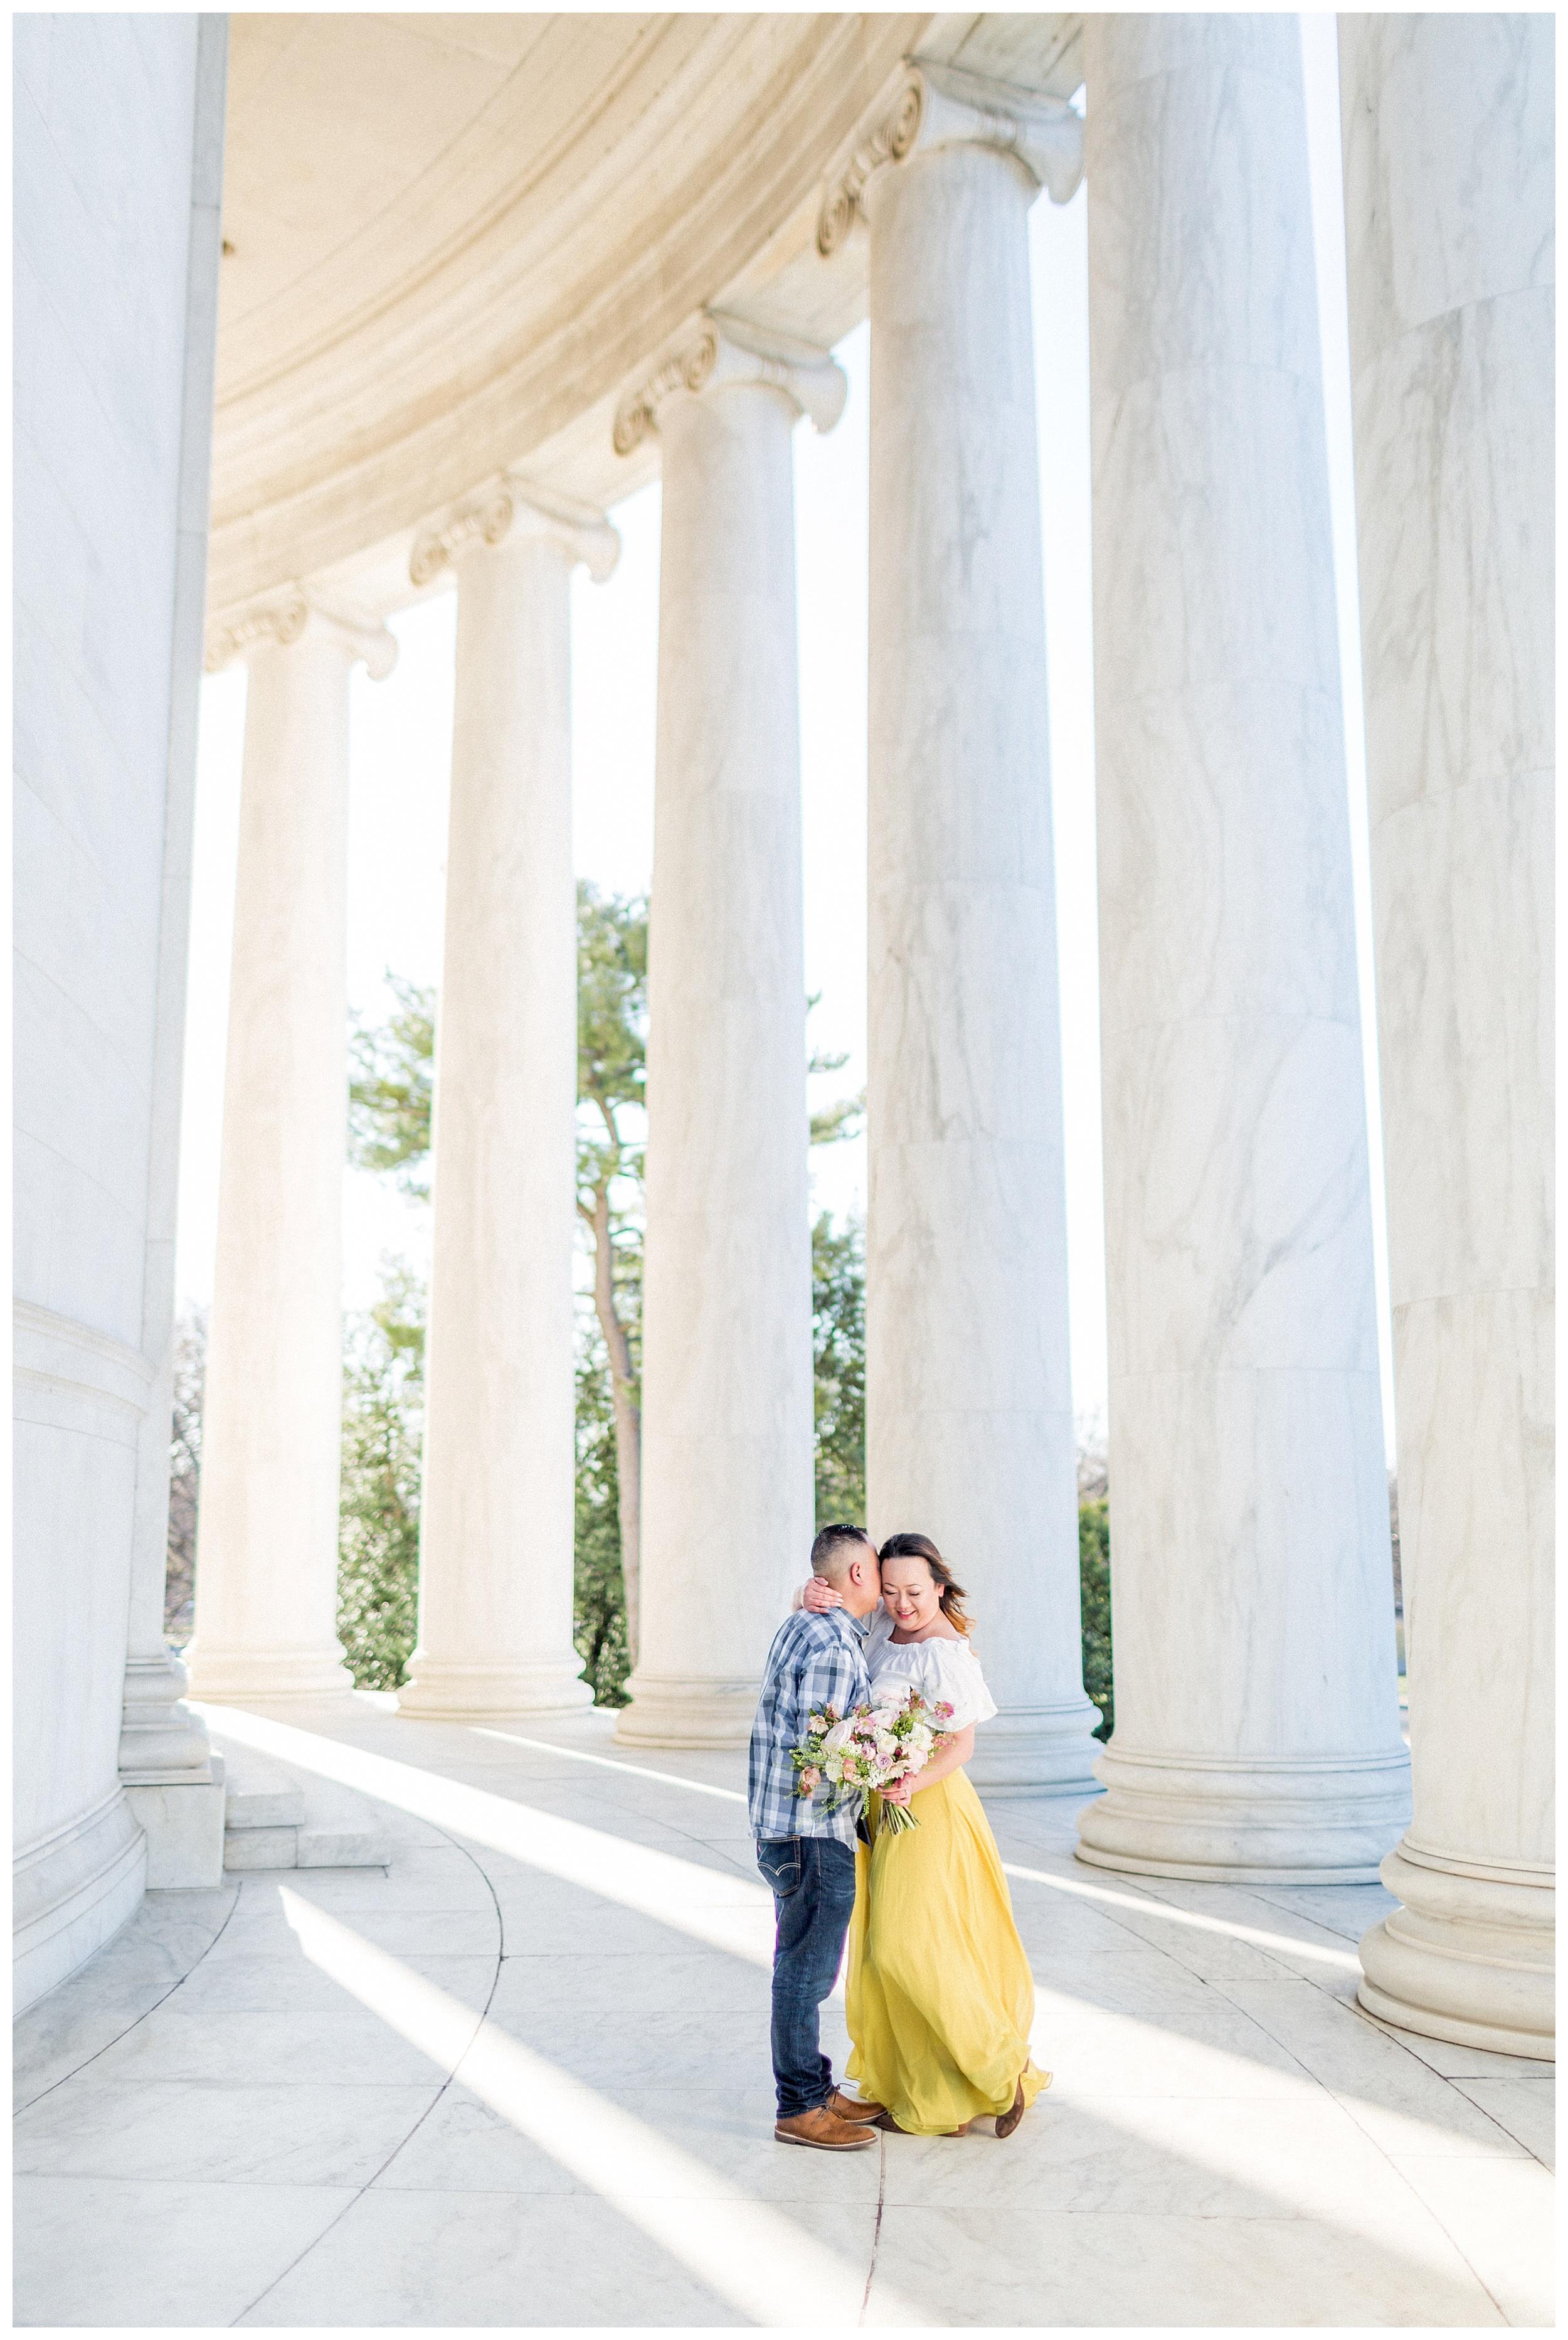 Washington DC Engagement Photos | Thomas Jefferson Engagement Session_0019.jpg